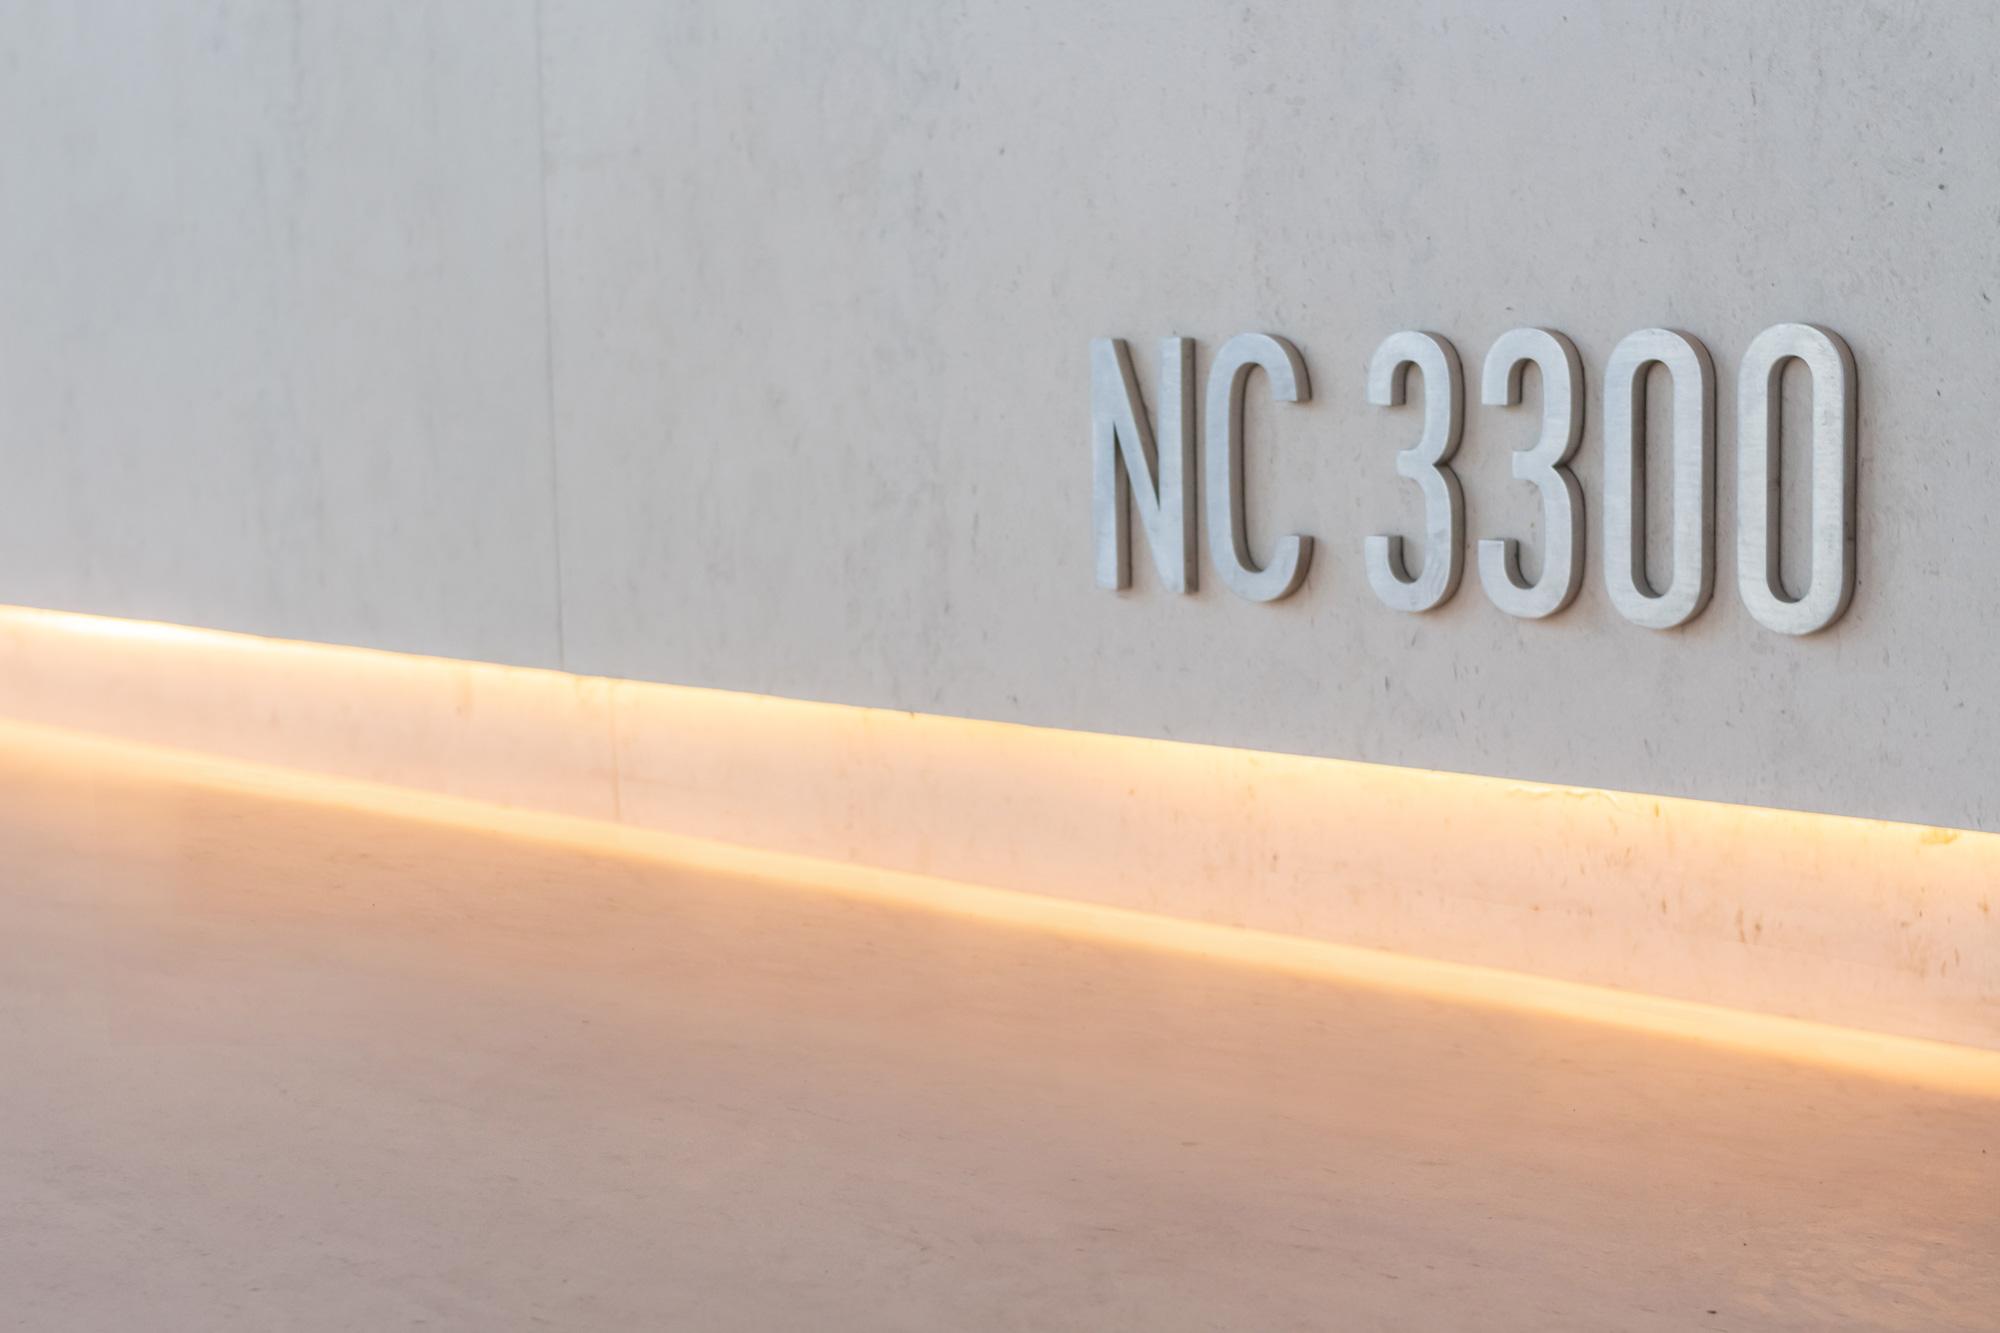 NC3300  - NC3300 4 49